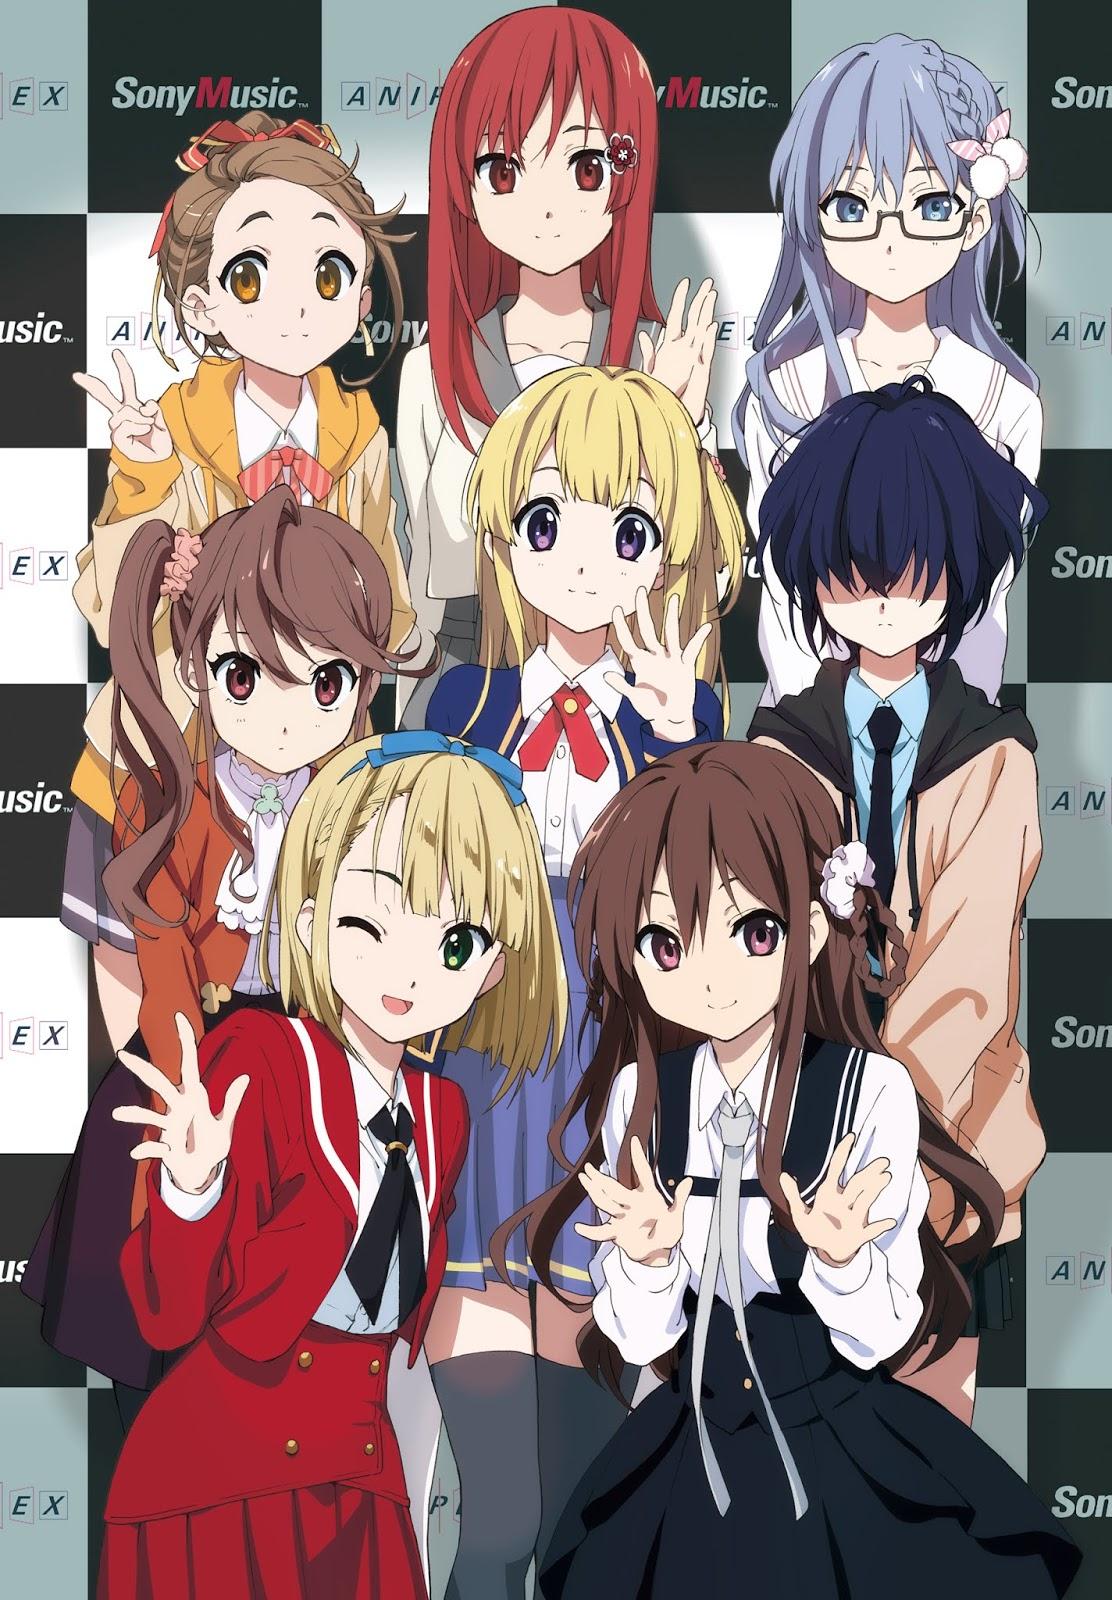 Anime 22/7